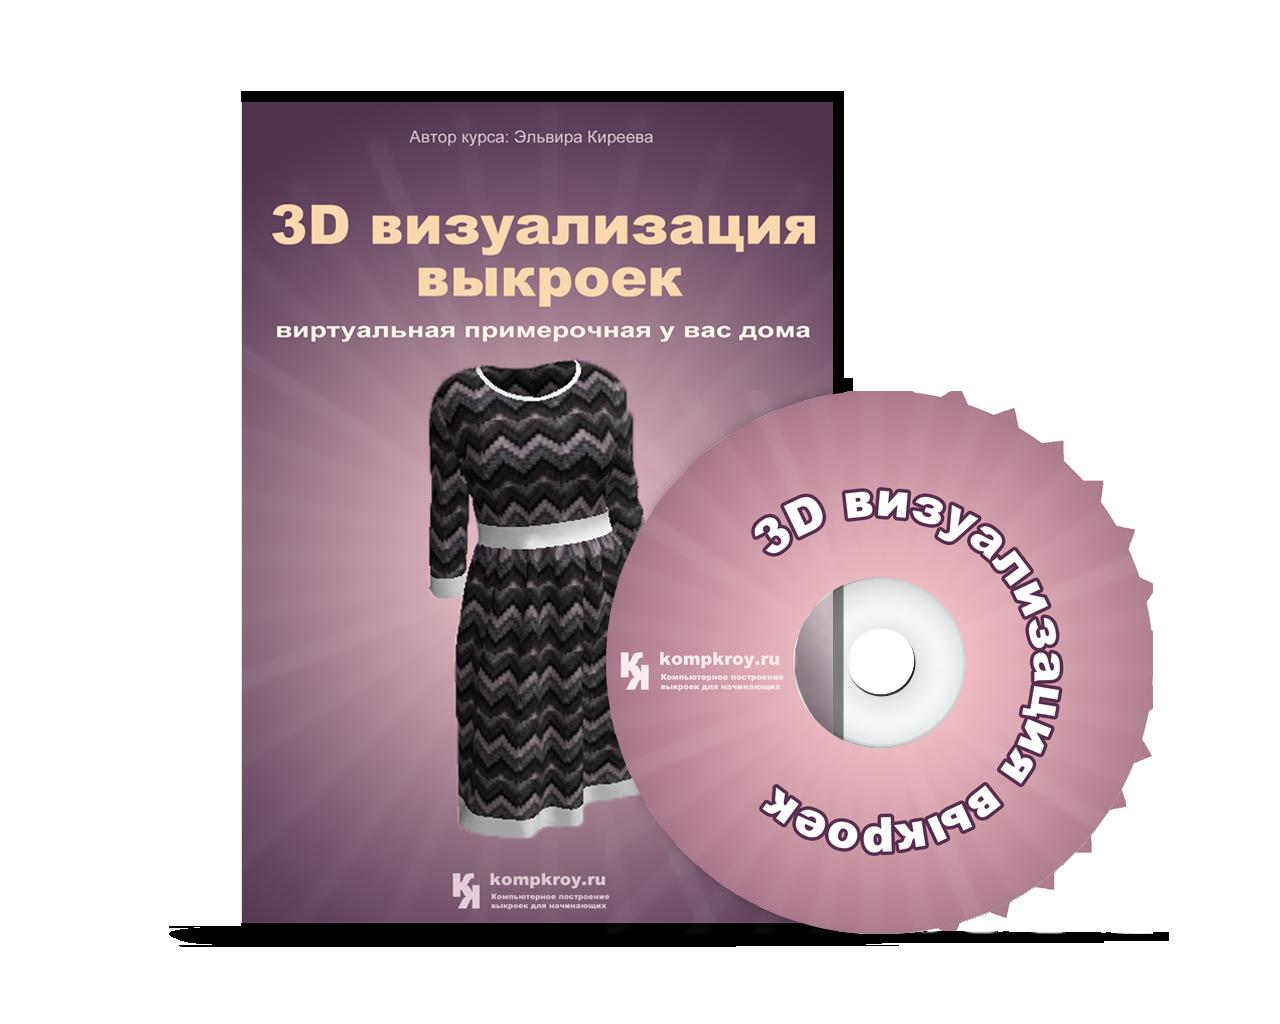 3D визуализация выкроек